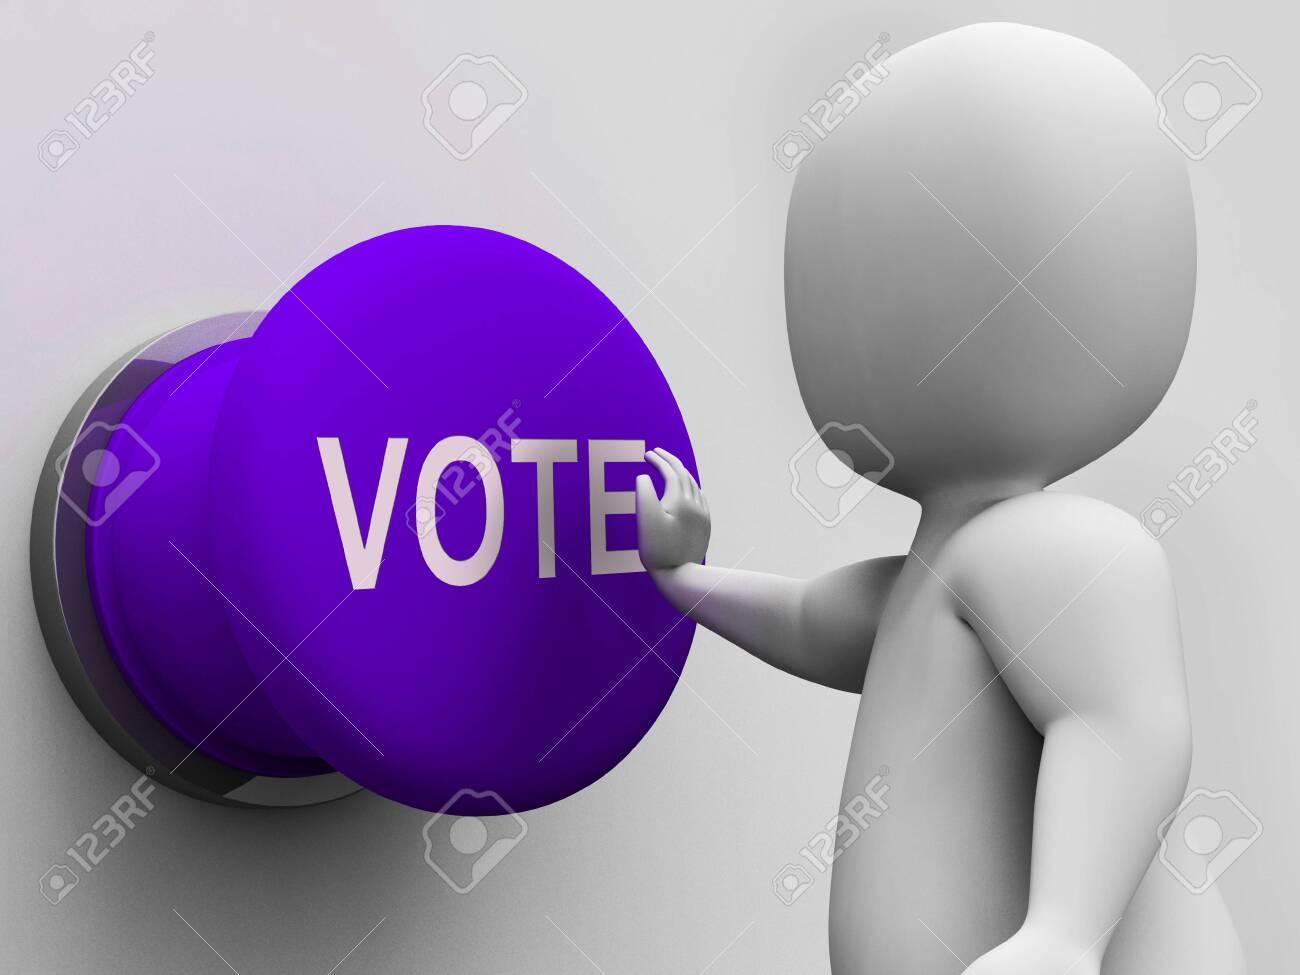 Voto significado